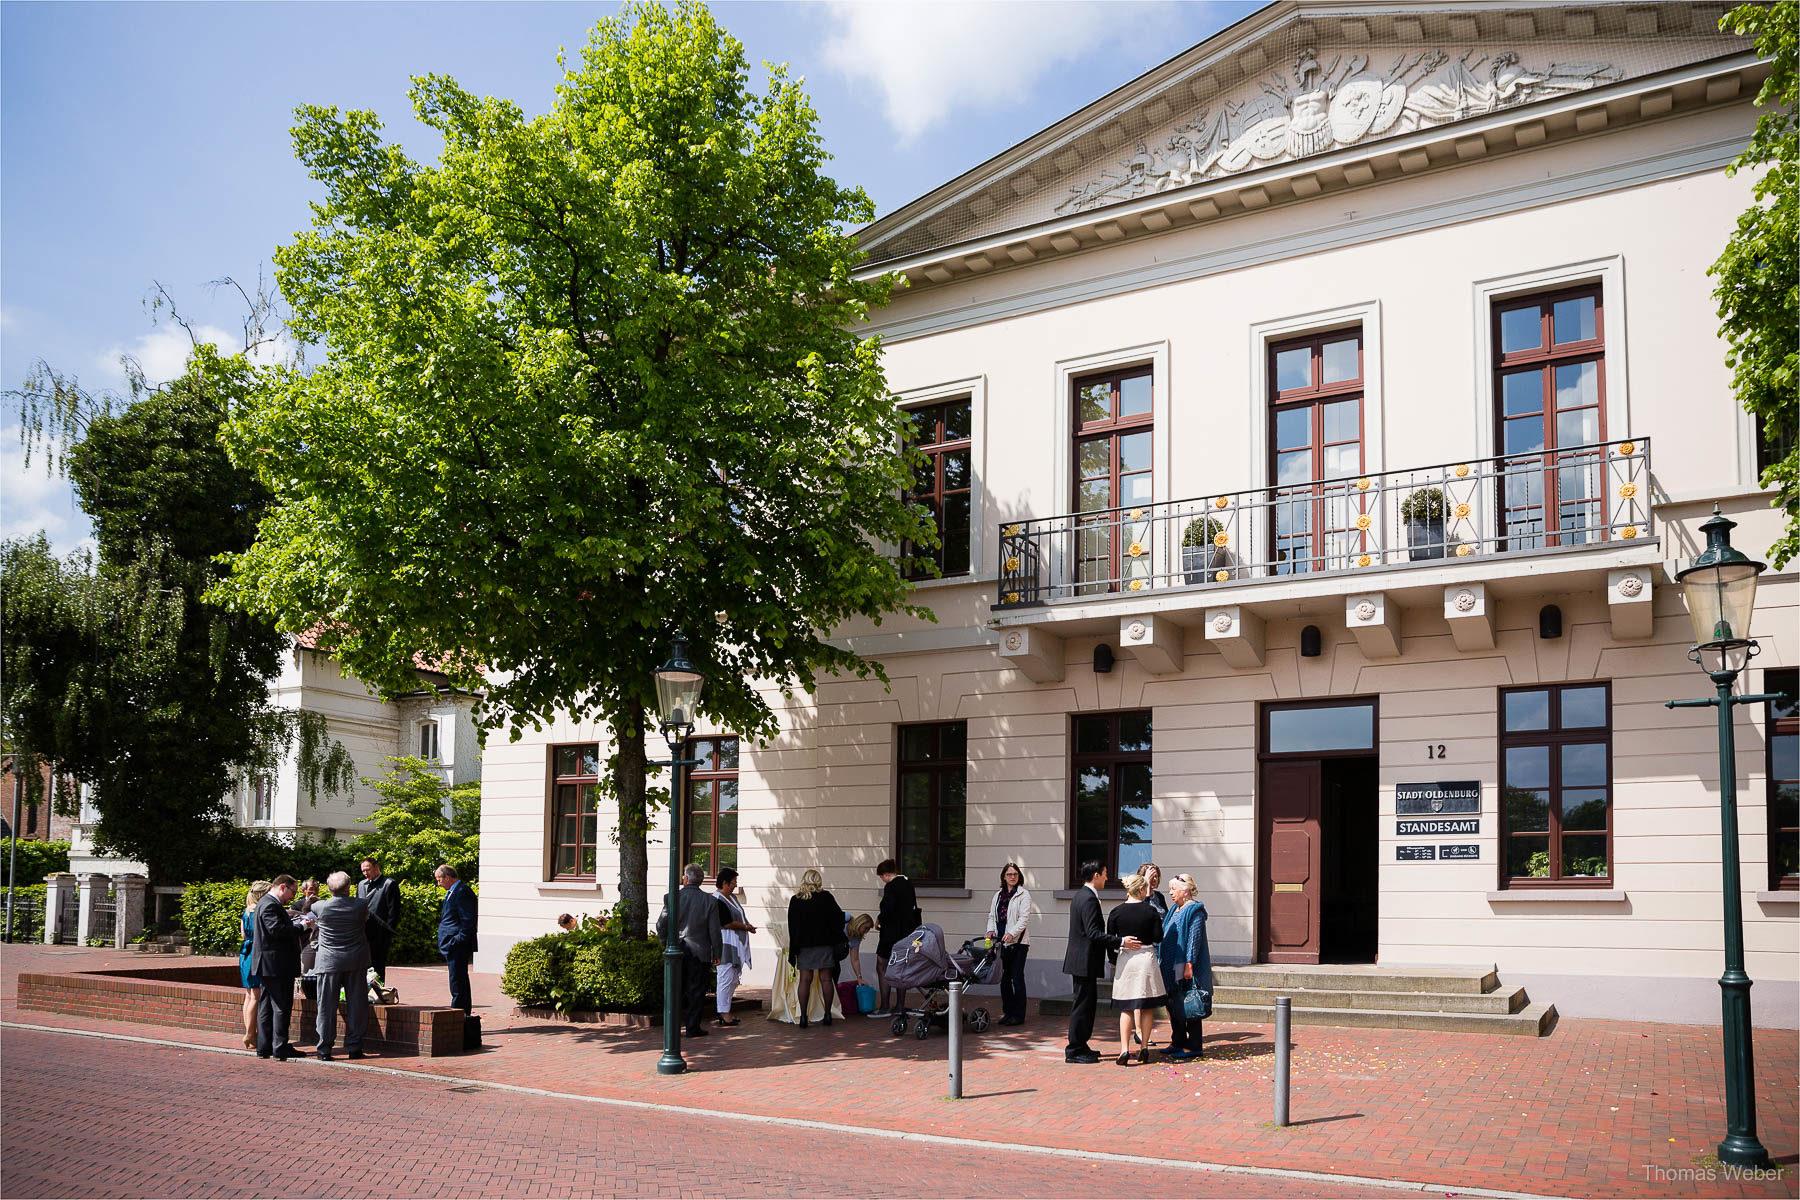 Freie Trauung in der Eventscheune St. Georg in Rastede, Hochzeitsfotograf Ostfriesland